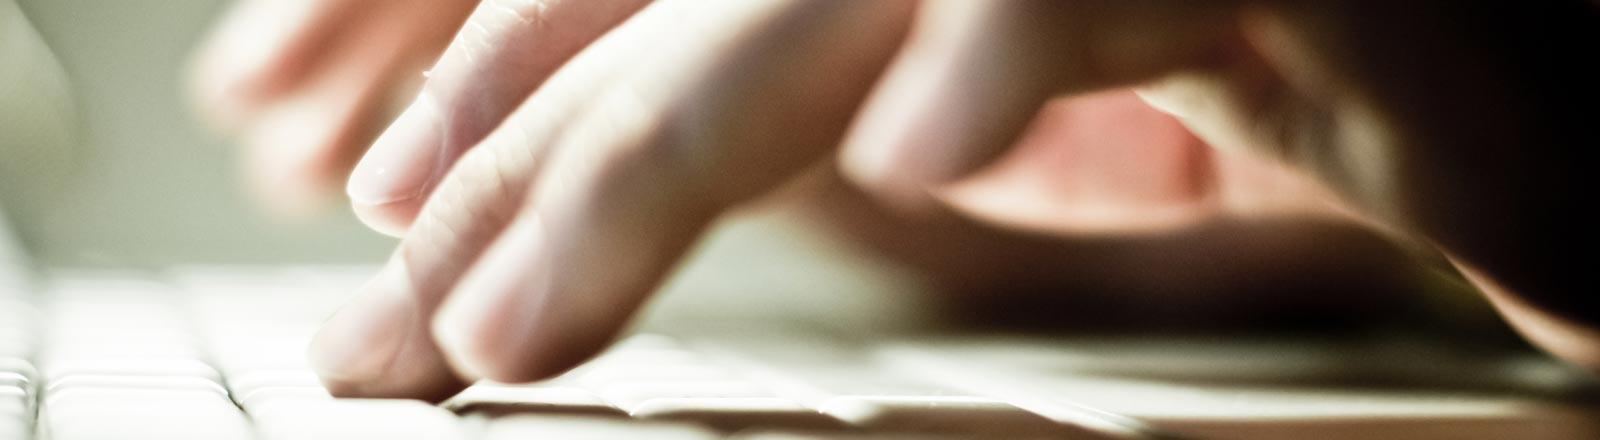 Eine Person schreibt auf einer Computertastatur.